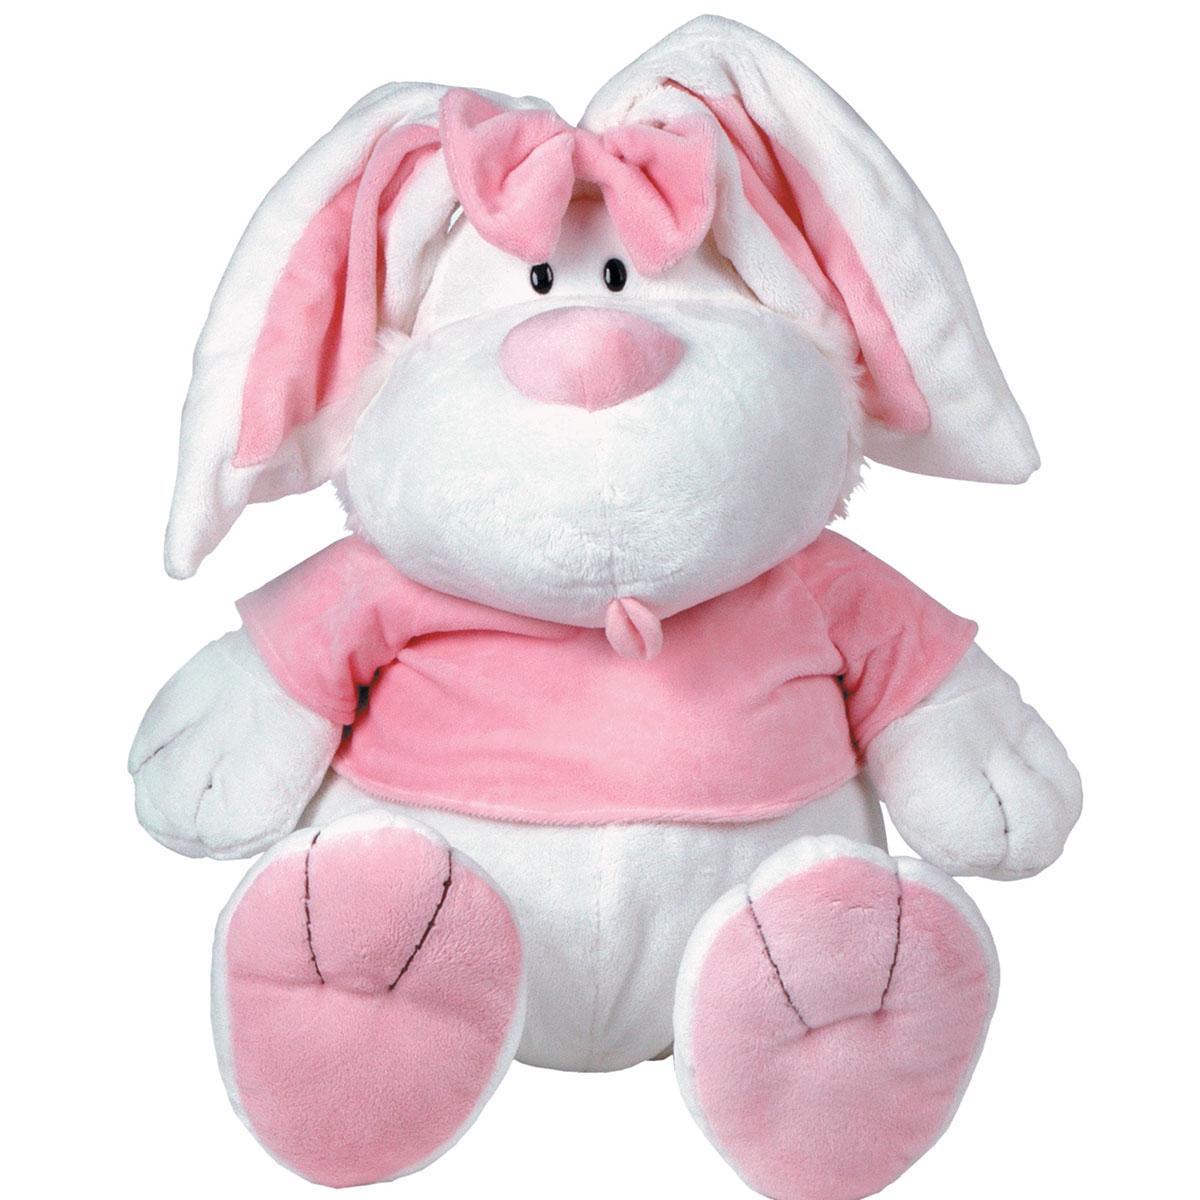 Купить 7-42230, Мягкая игрушка Gulliver Кролик БЕЛЫЙ сидячий 28 (71 см), Gulliver мягкая игрушка (shop: GulliverMarket Gulliver Market)